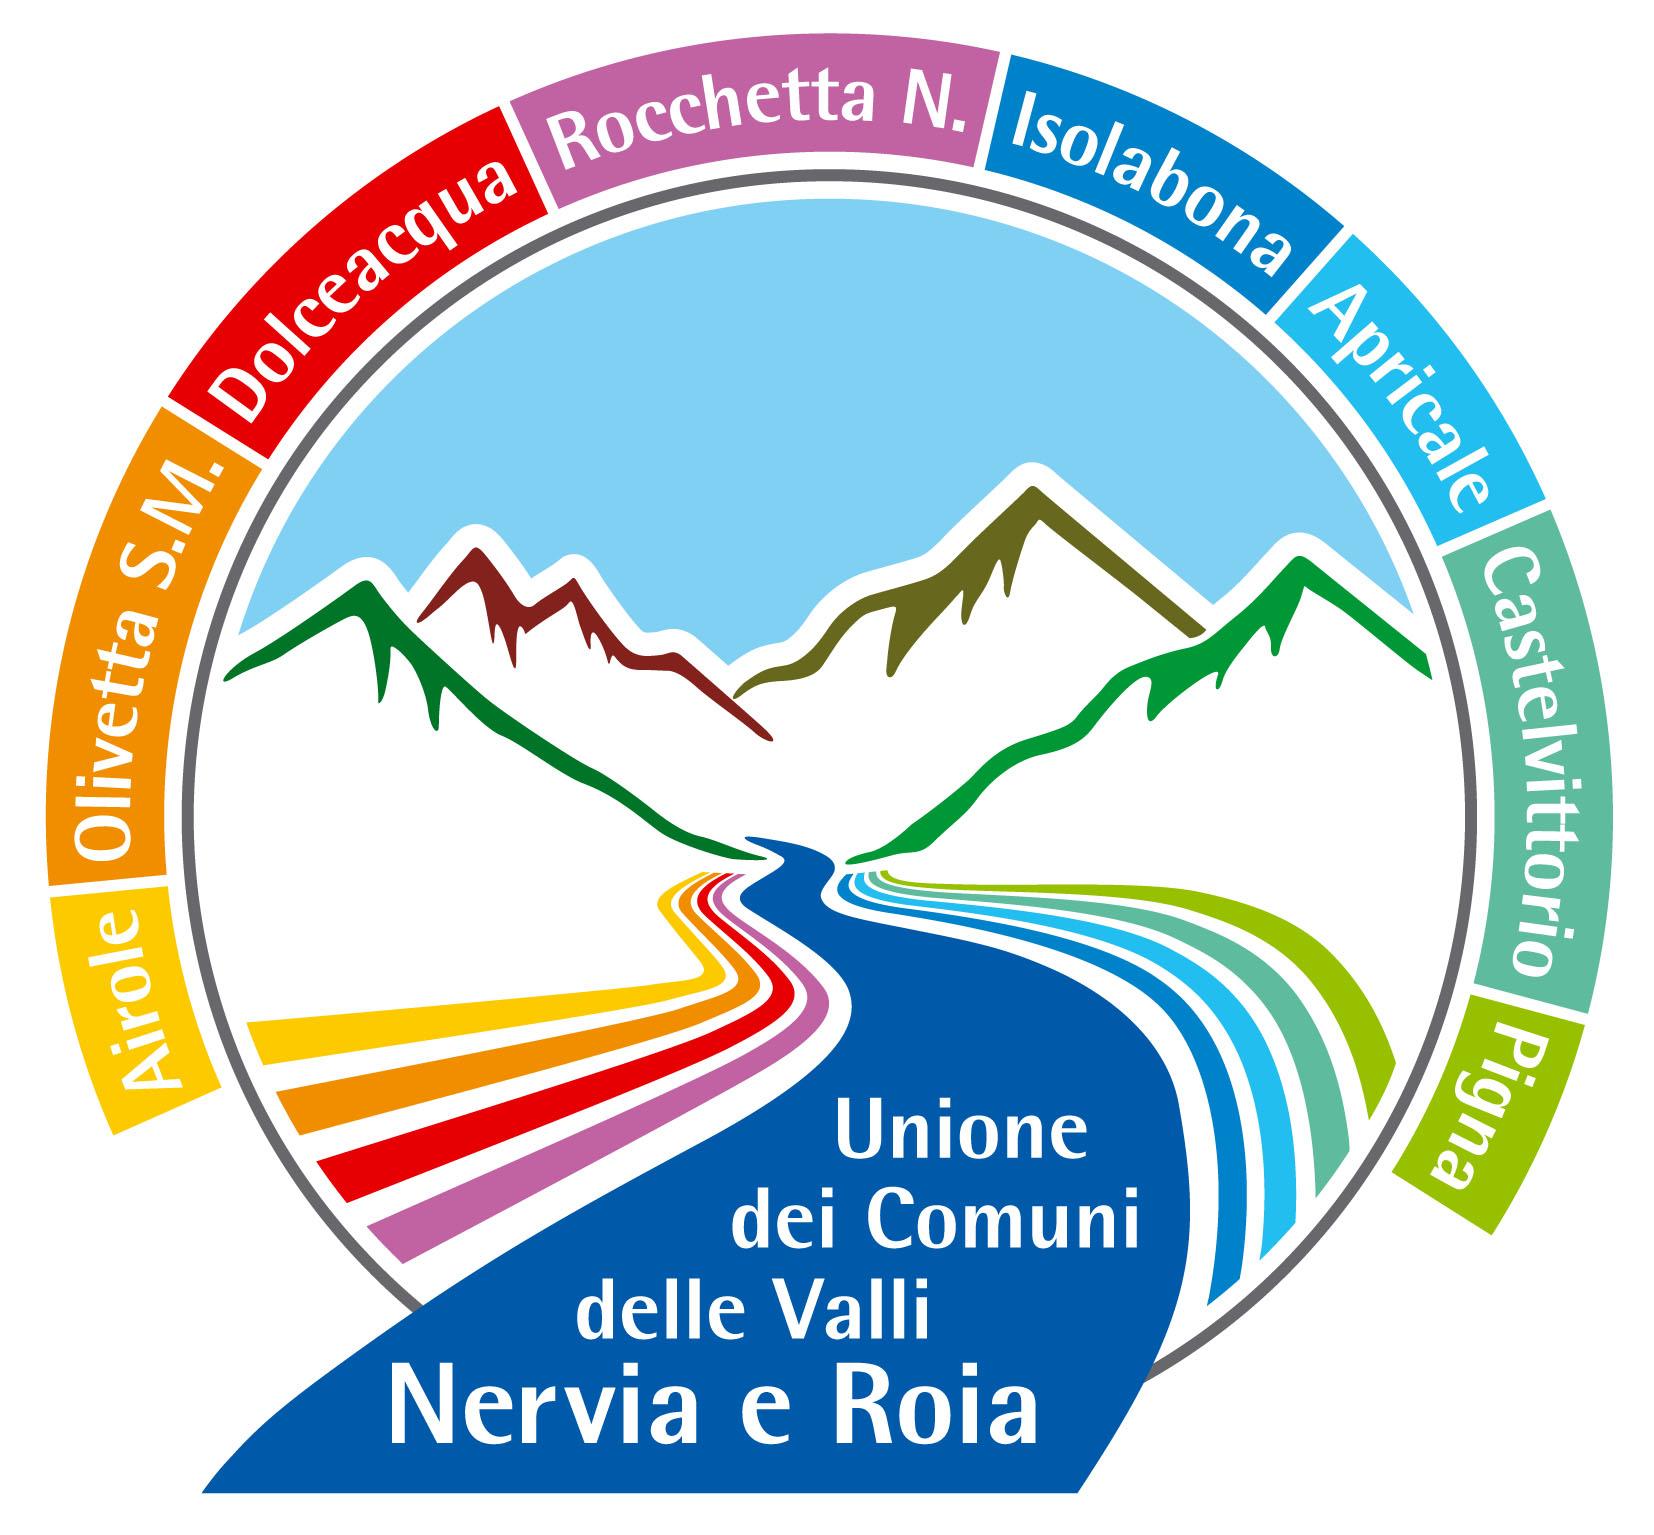 unione_dei_comuni_delle_valli_nervia_e_roia_-_logo_2.jpg